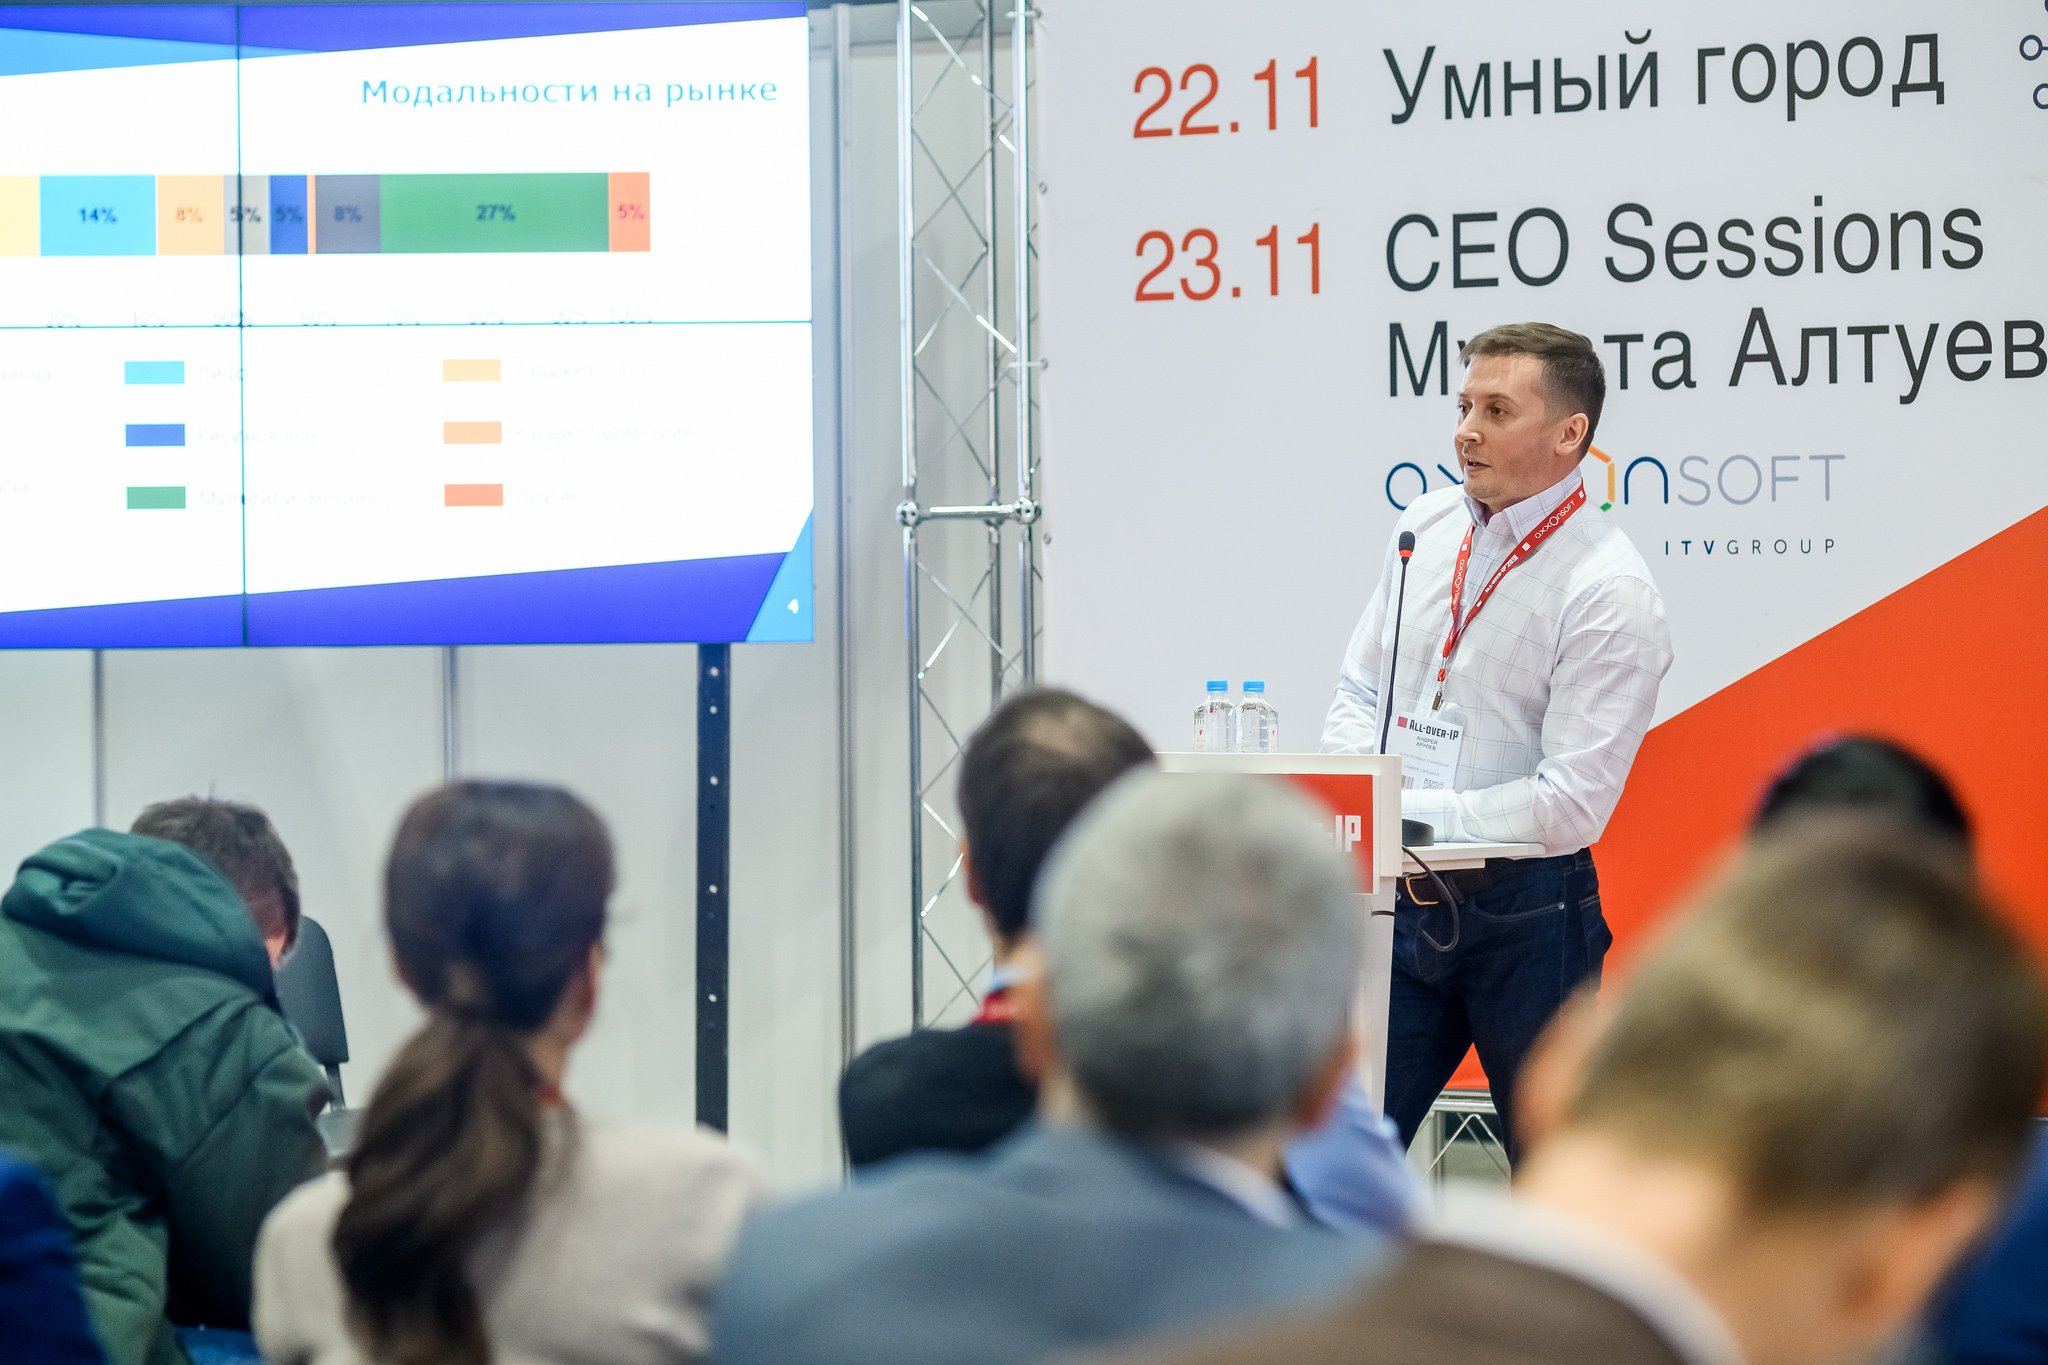 Андрей Хрулев (ЦРТ): заказчики начали массово посещать форум All-over-IP